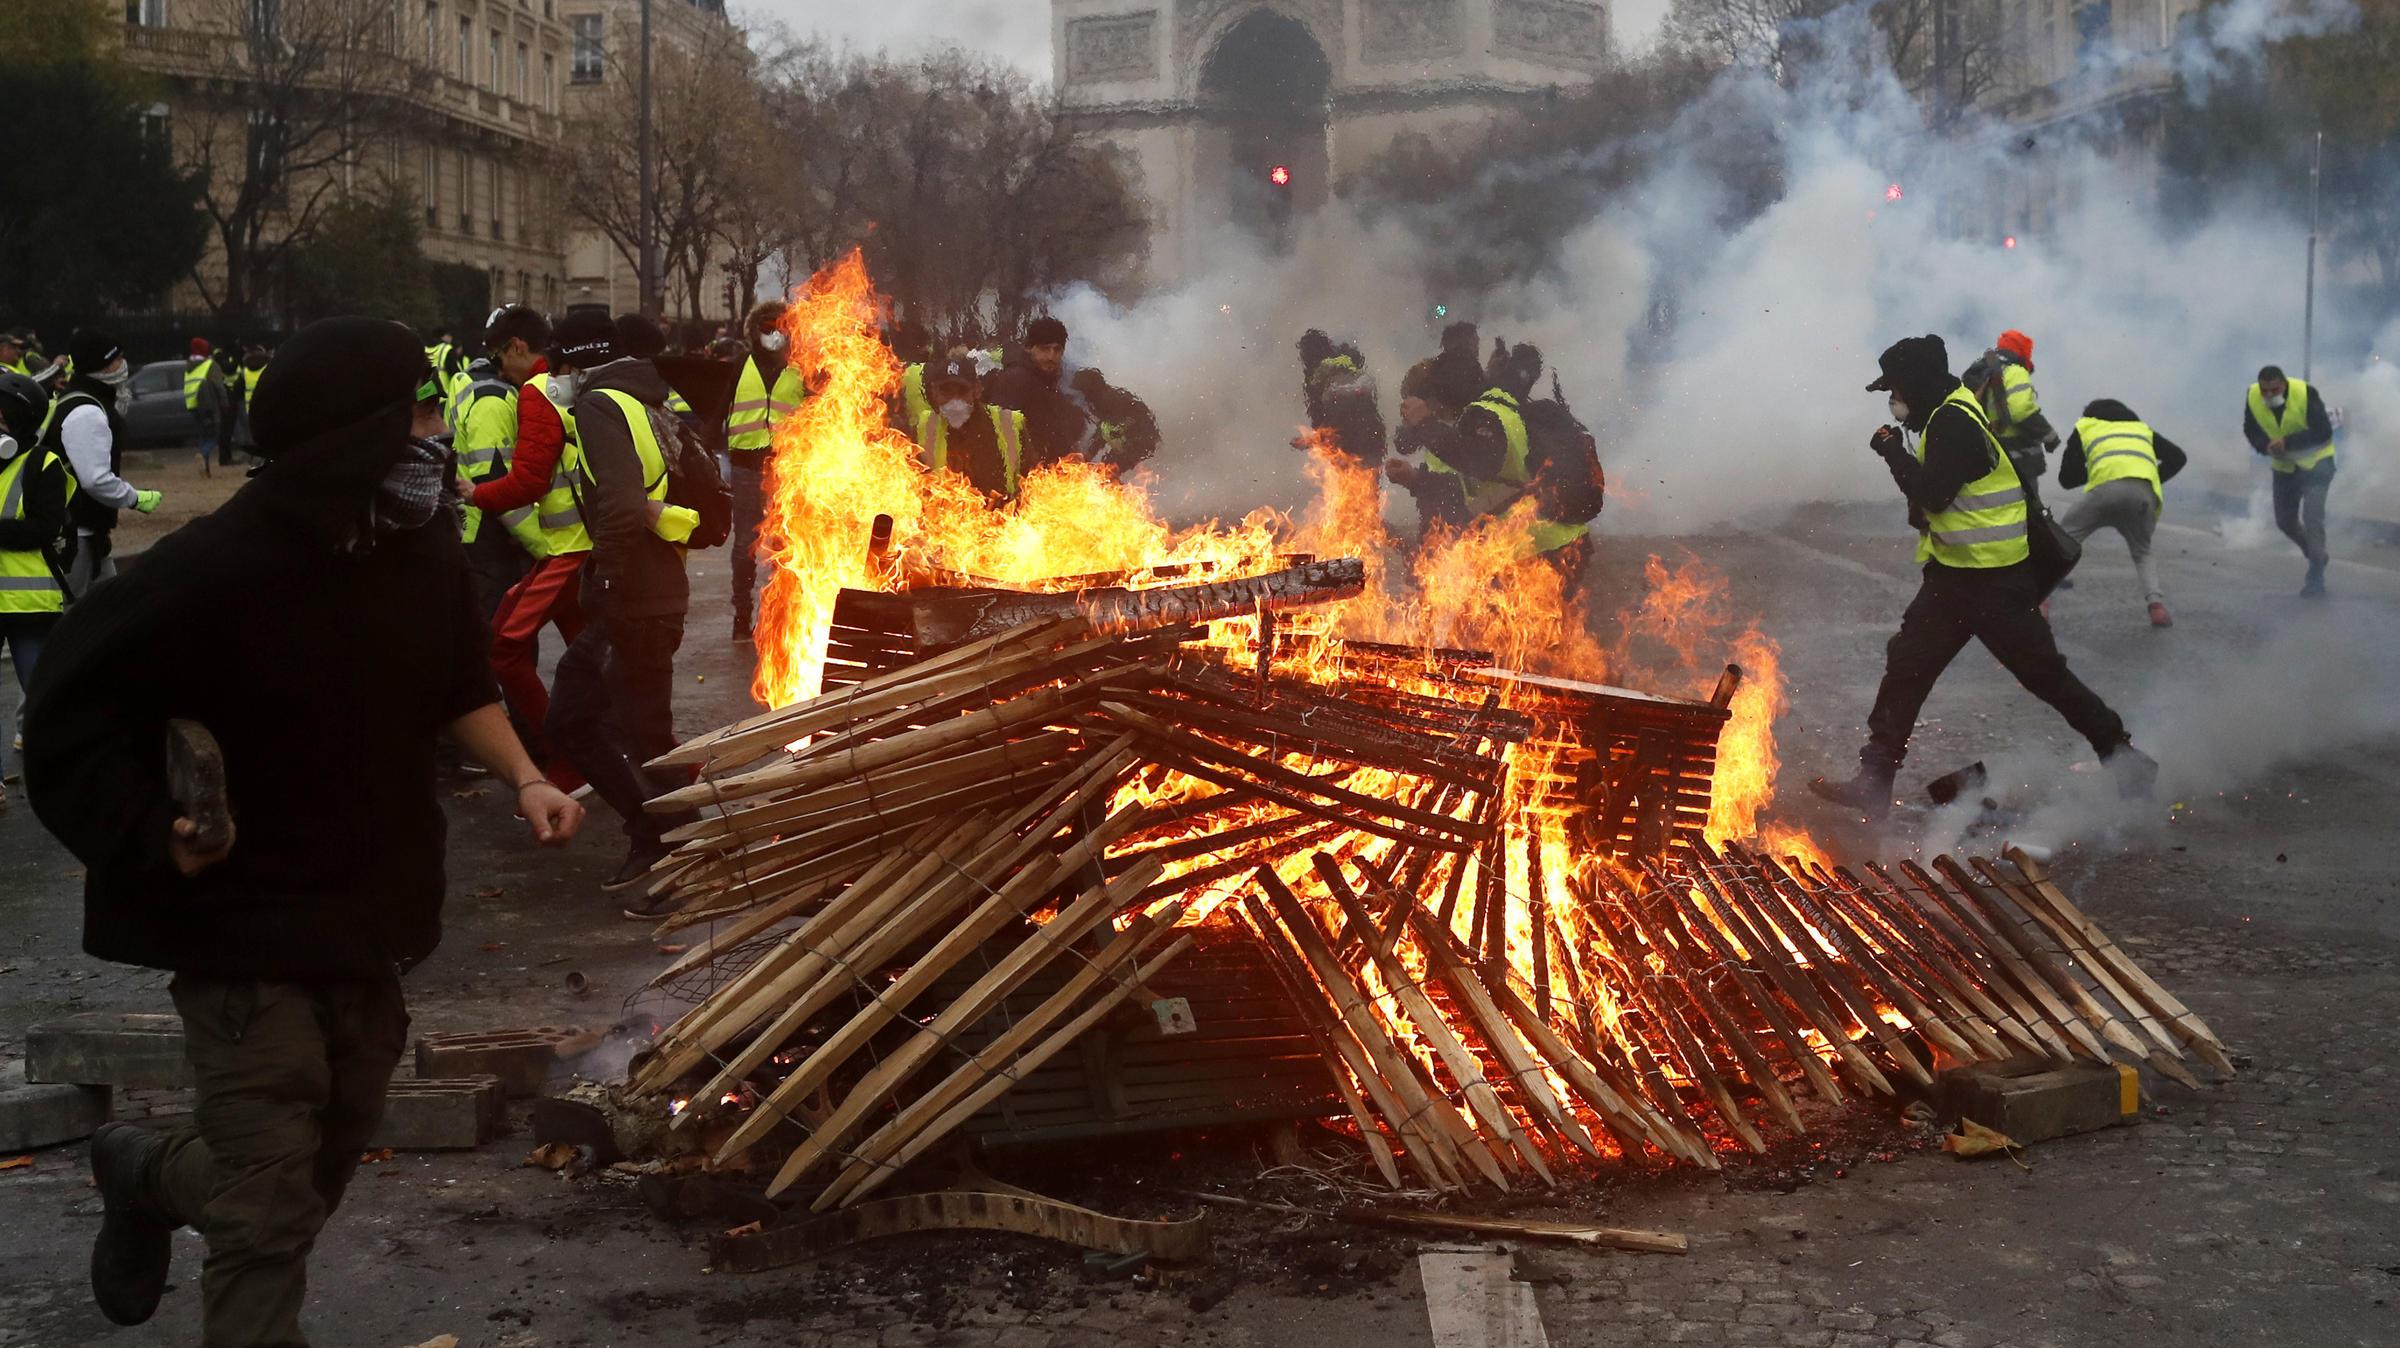 Zit de Russische geheime dienst achter de Franse gele hesjes revolutie?